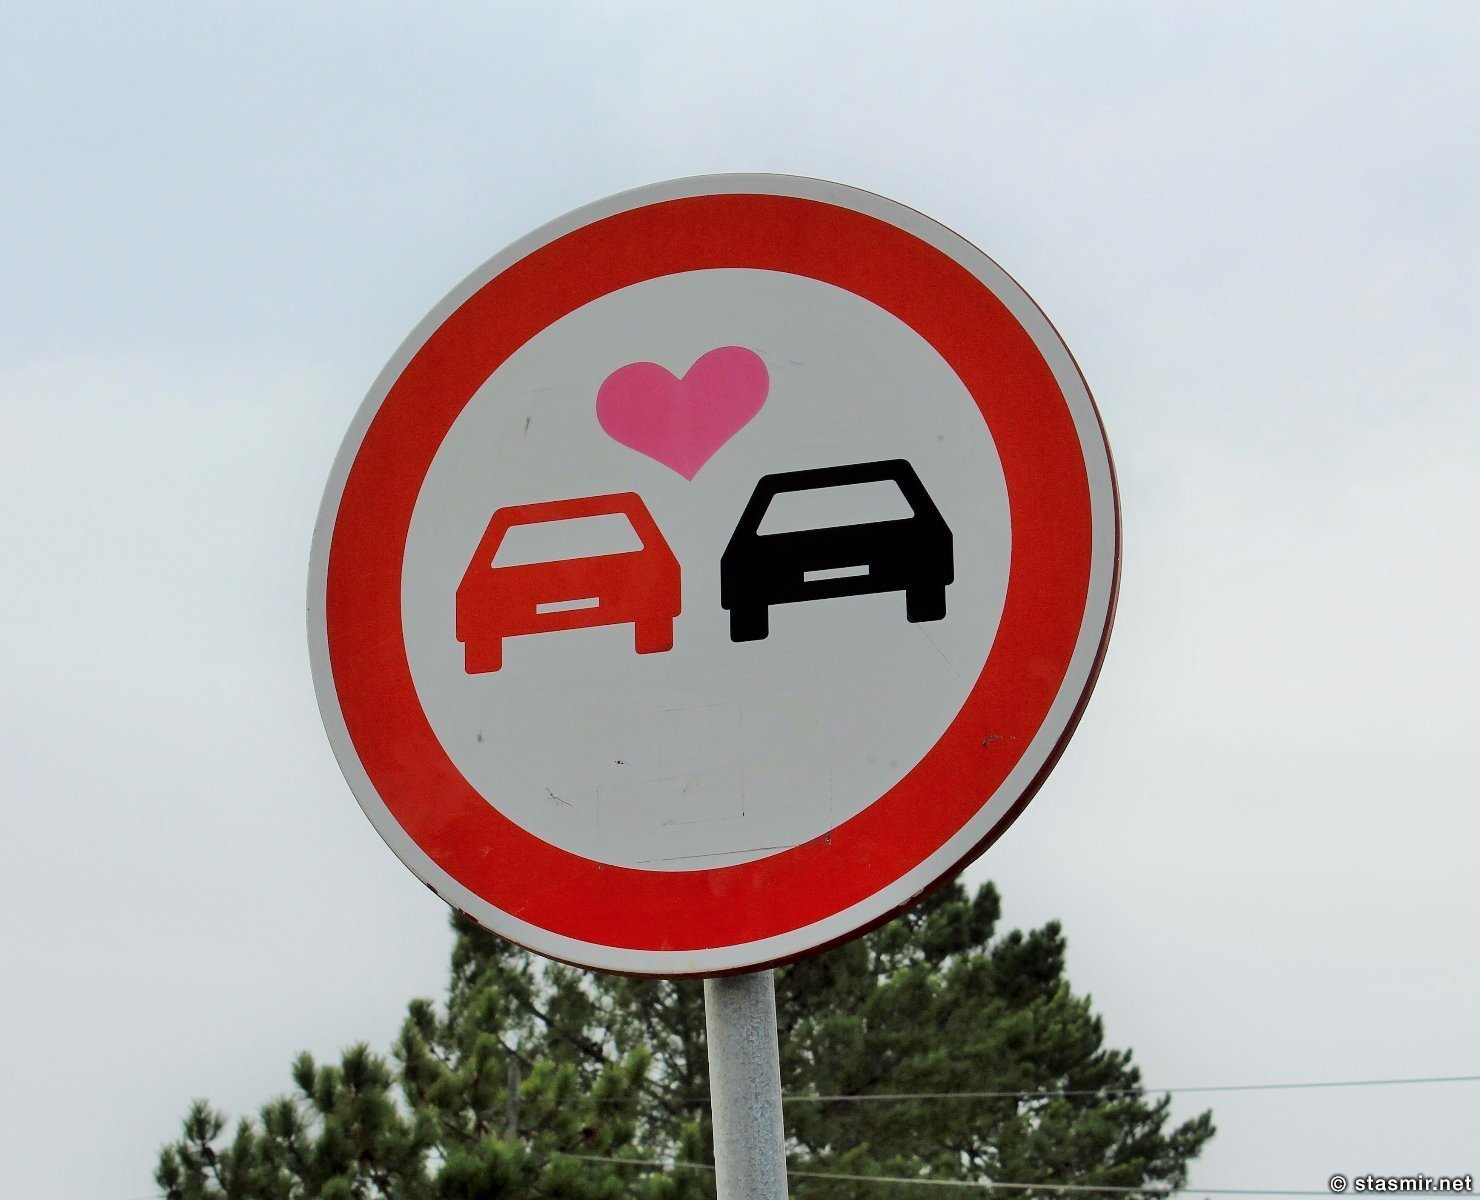 Португалия, дорожные знаки, любовь, Photo Stasmir, фото Стасмир